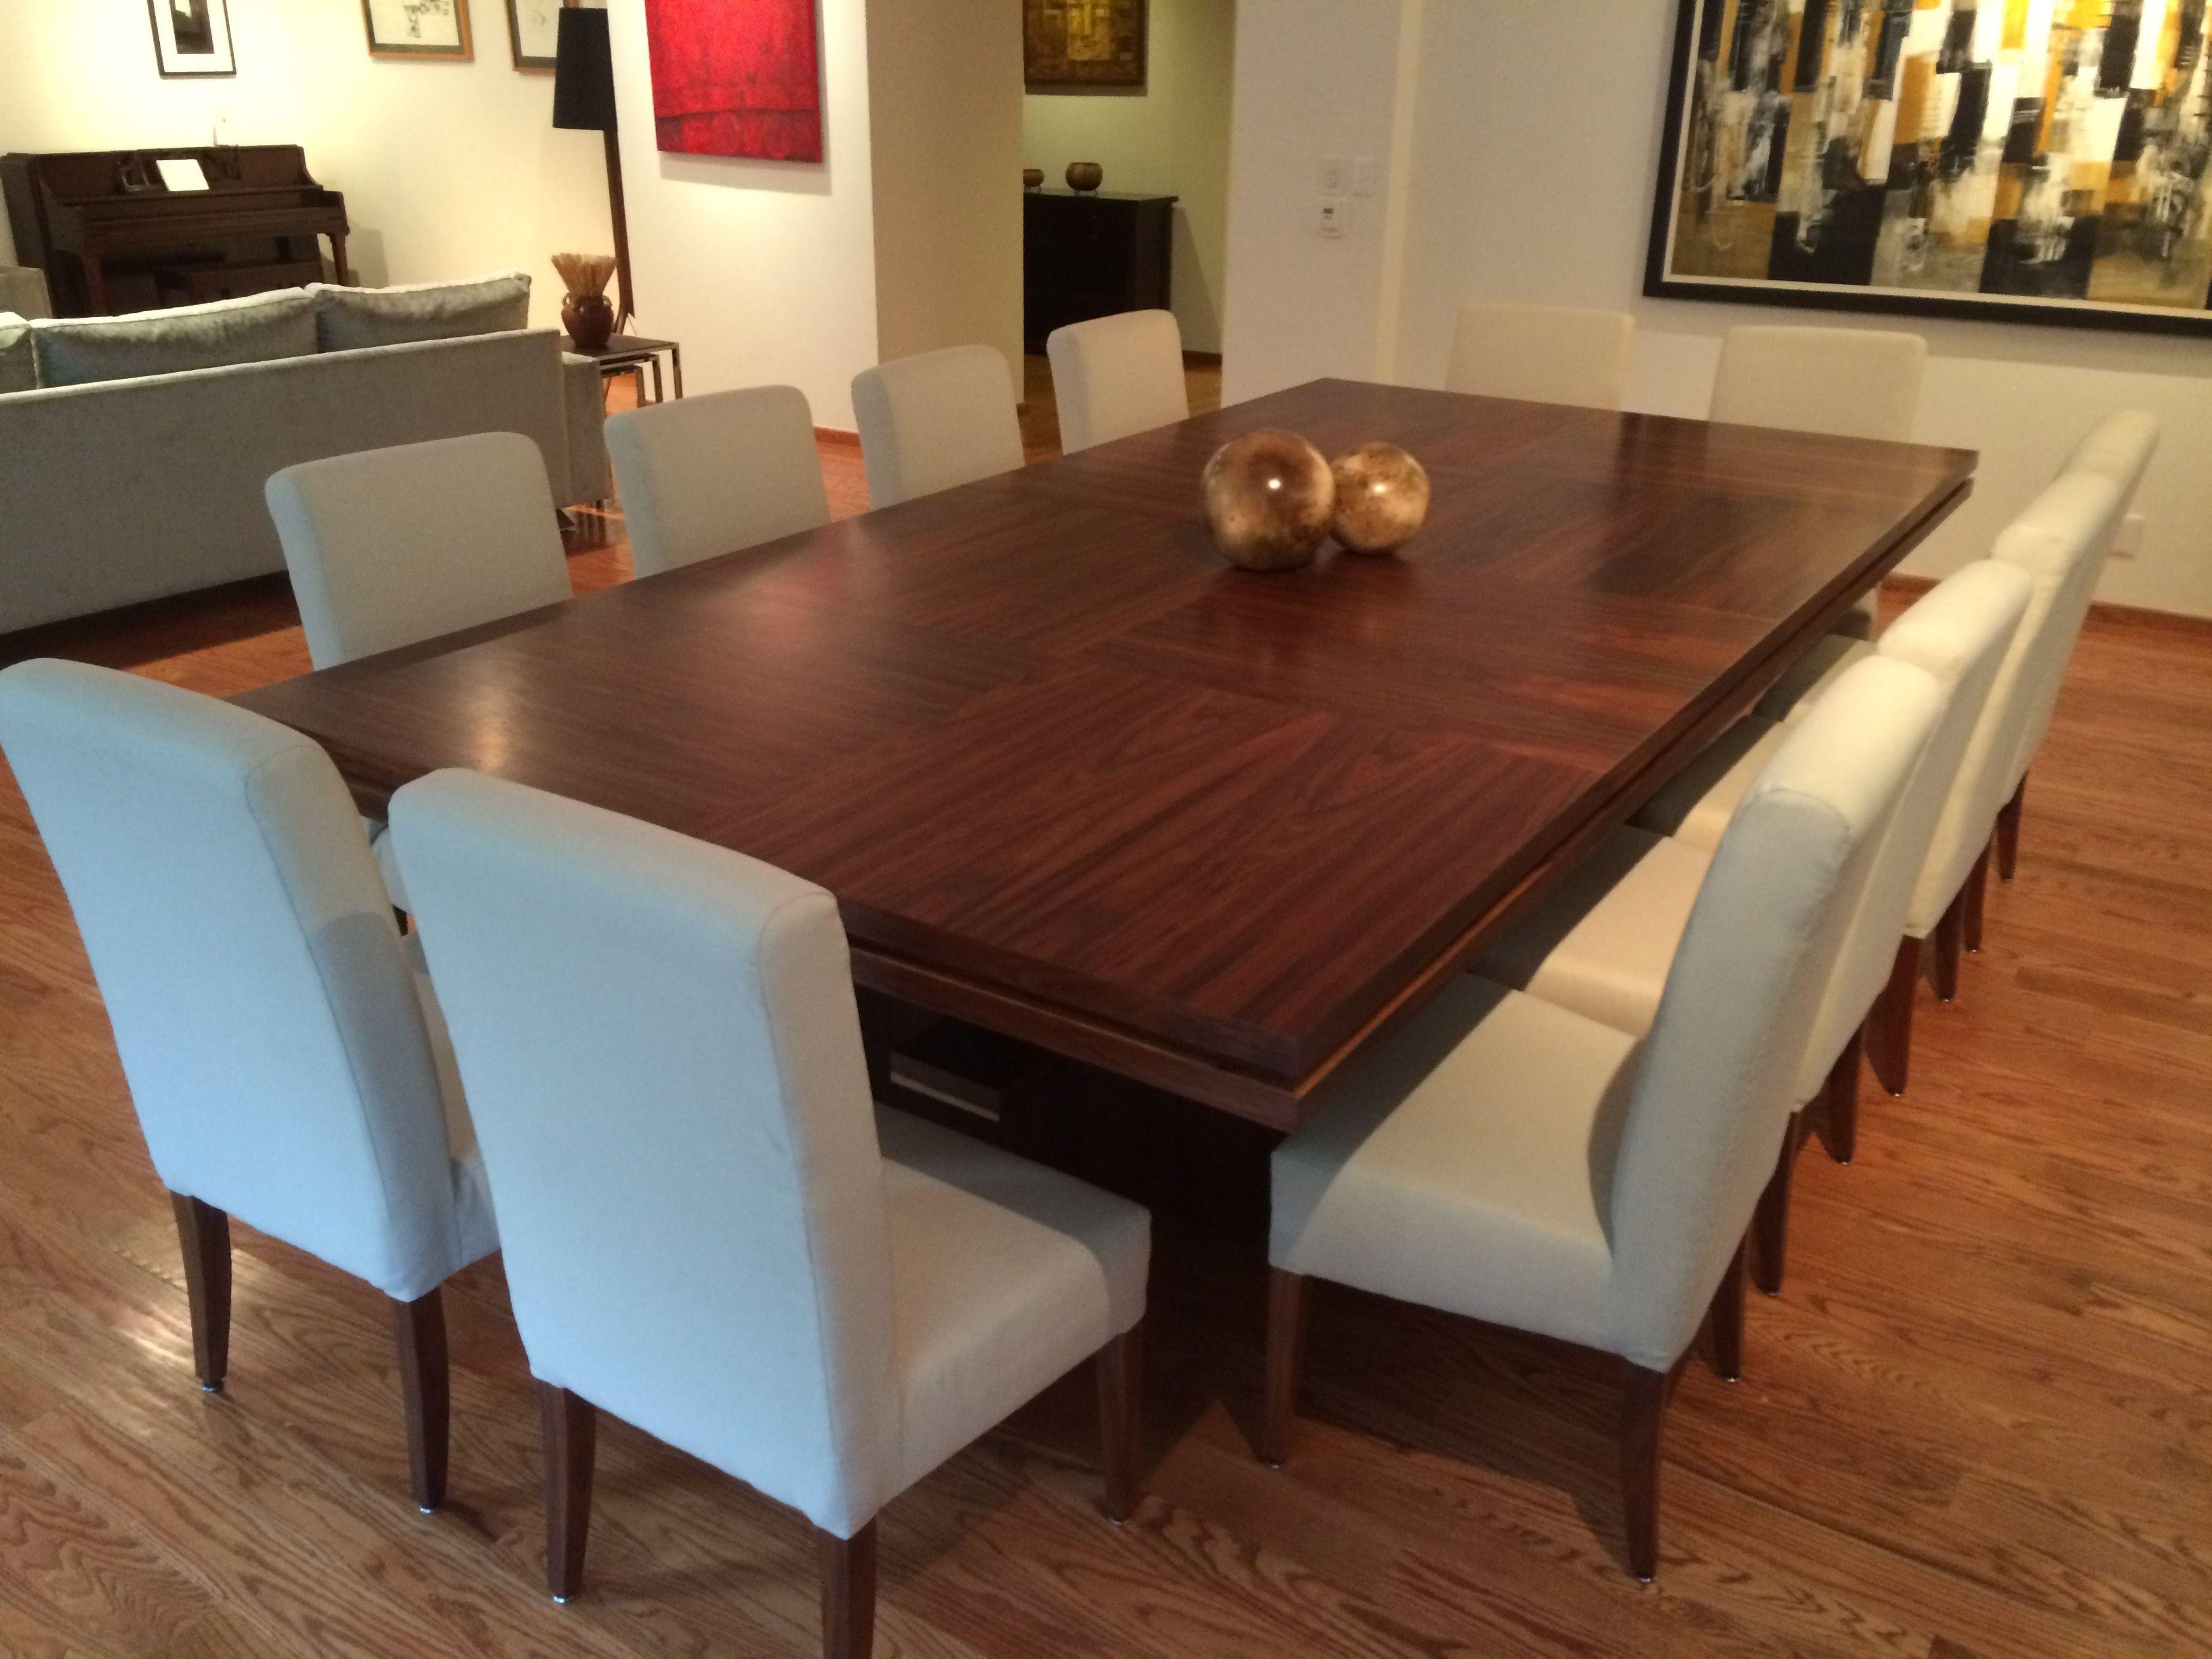 Mesa de comedor fabricada en chapa de madera de Tzalam